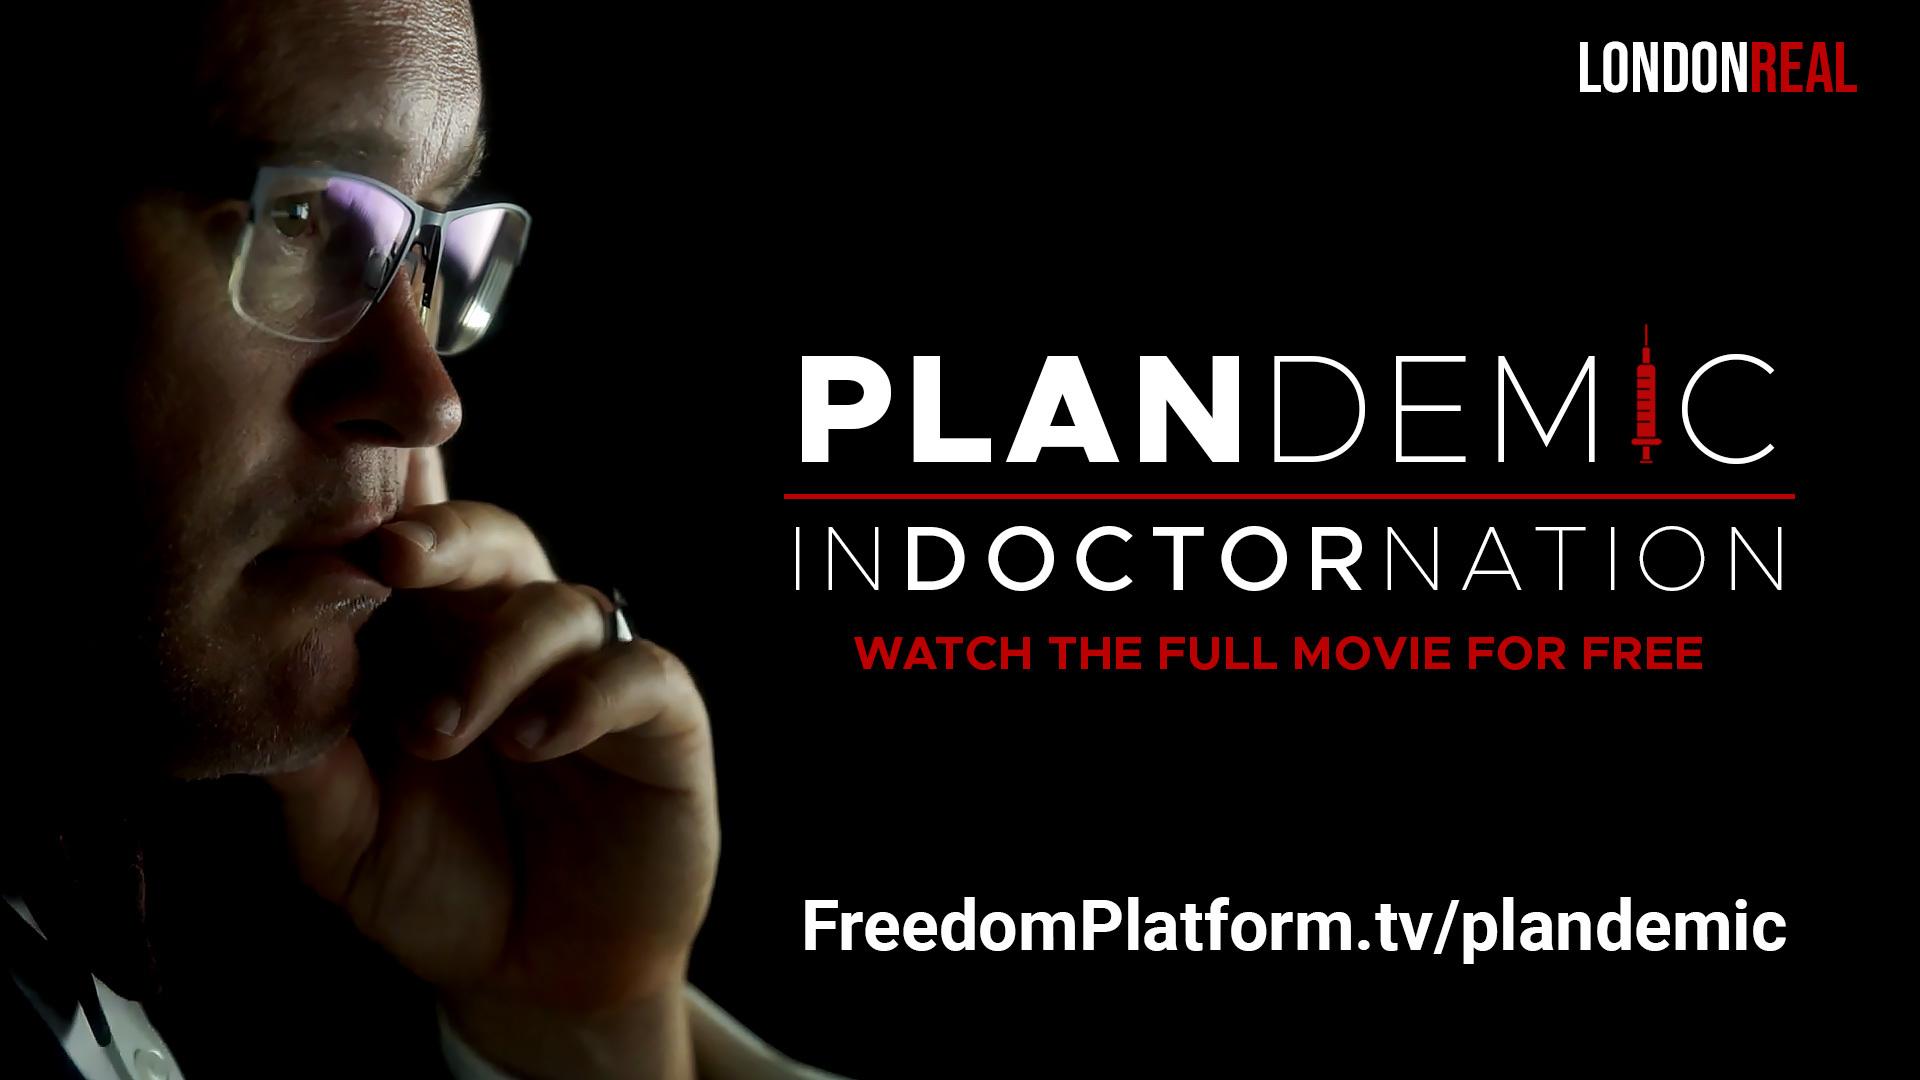 plandemic:-indoctornation-world-premiere-–-digital-freedom-platform